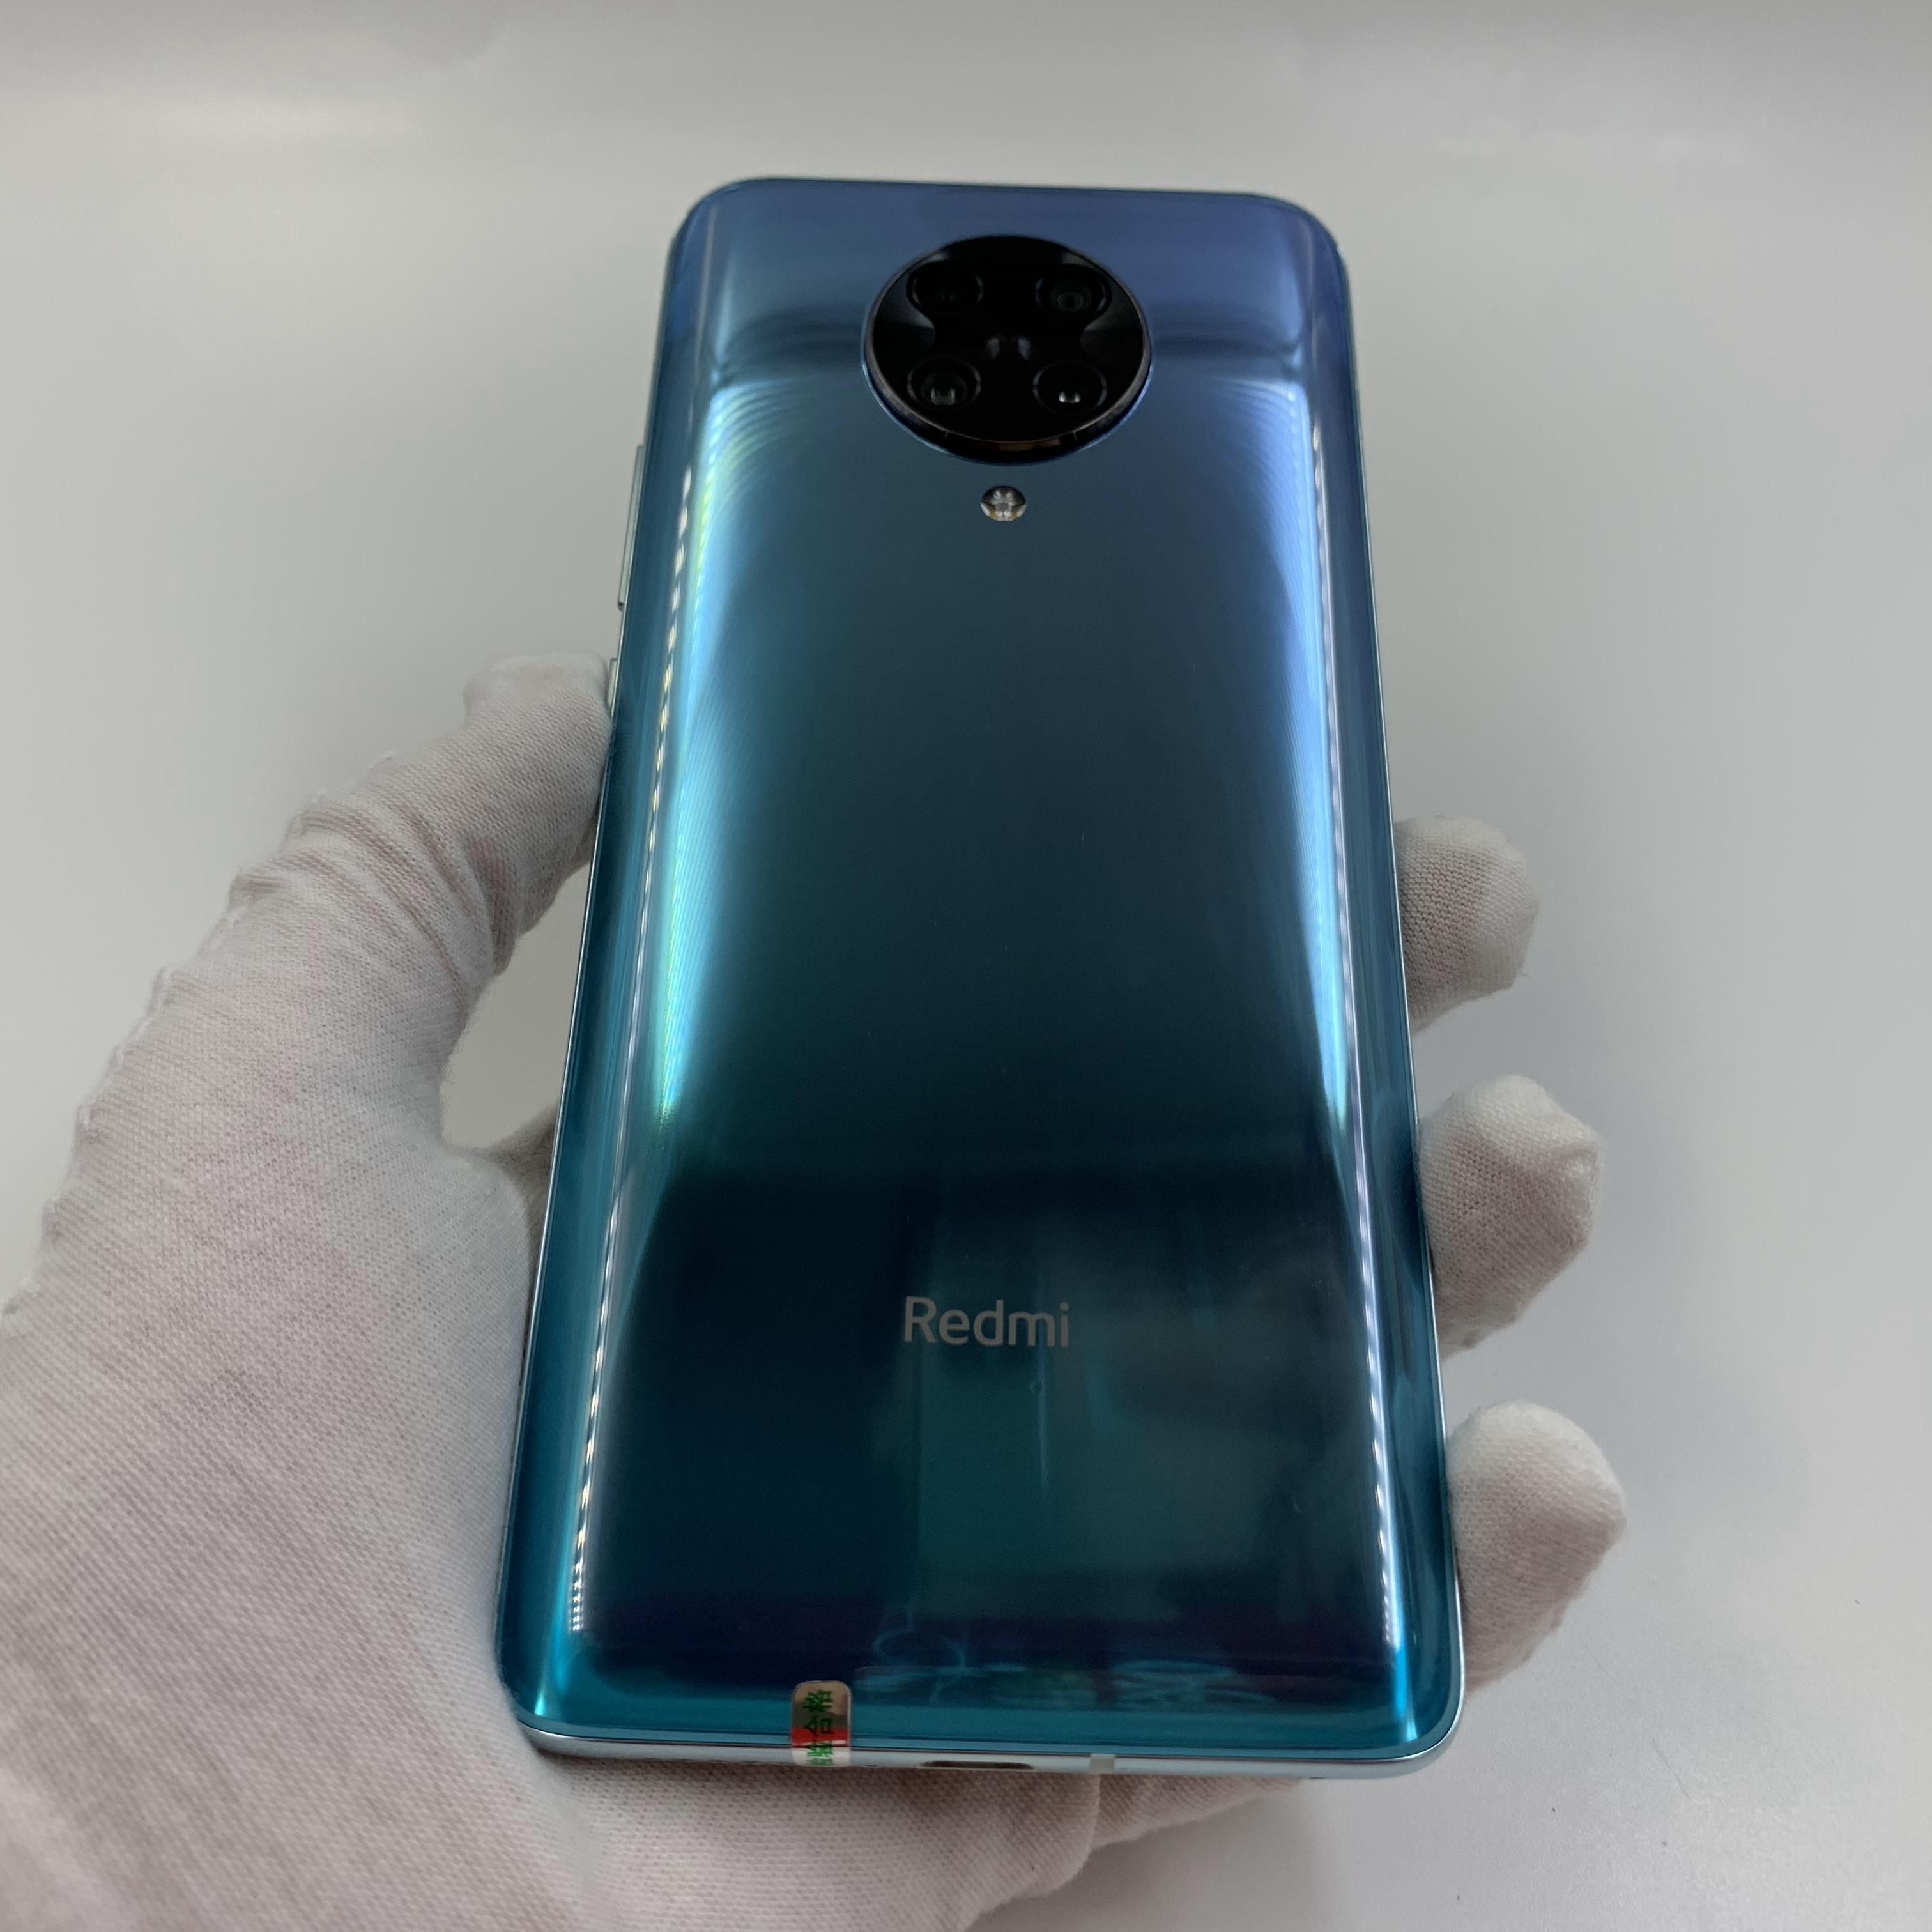 小米【Redmi K30 至尊 5G】5G全网通 薄荷绿 8G/512G 国行 8成新 真机实拍